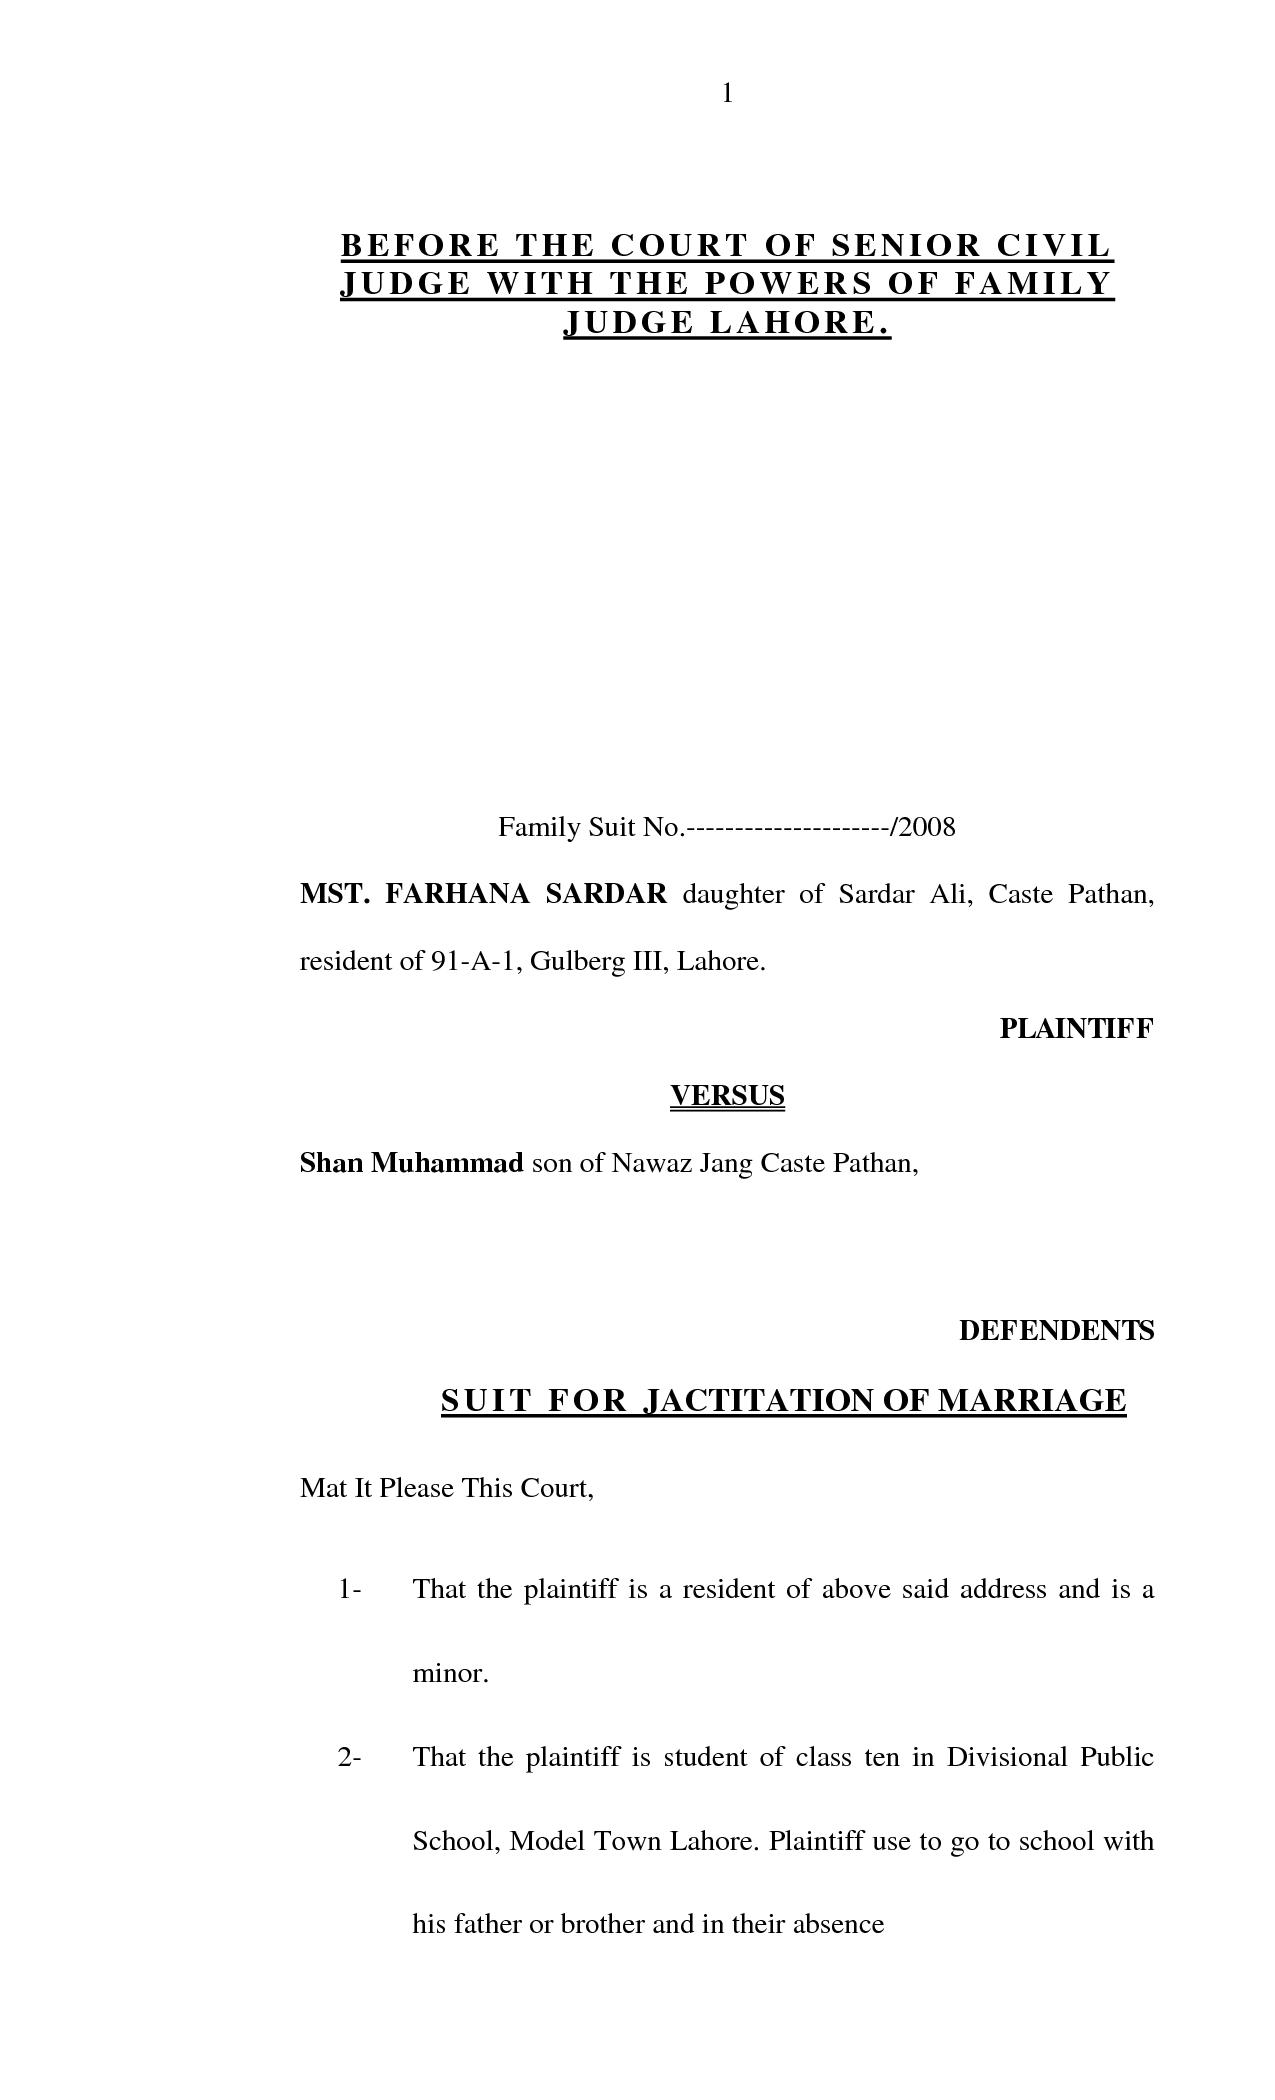 Sample affidavit letter for bonafide marriage poemsrom affidavit of bona fide marriage letter for immigration sample bagnas template altavistaventures Gallery